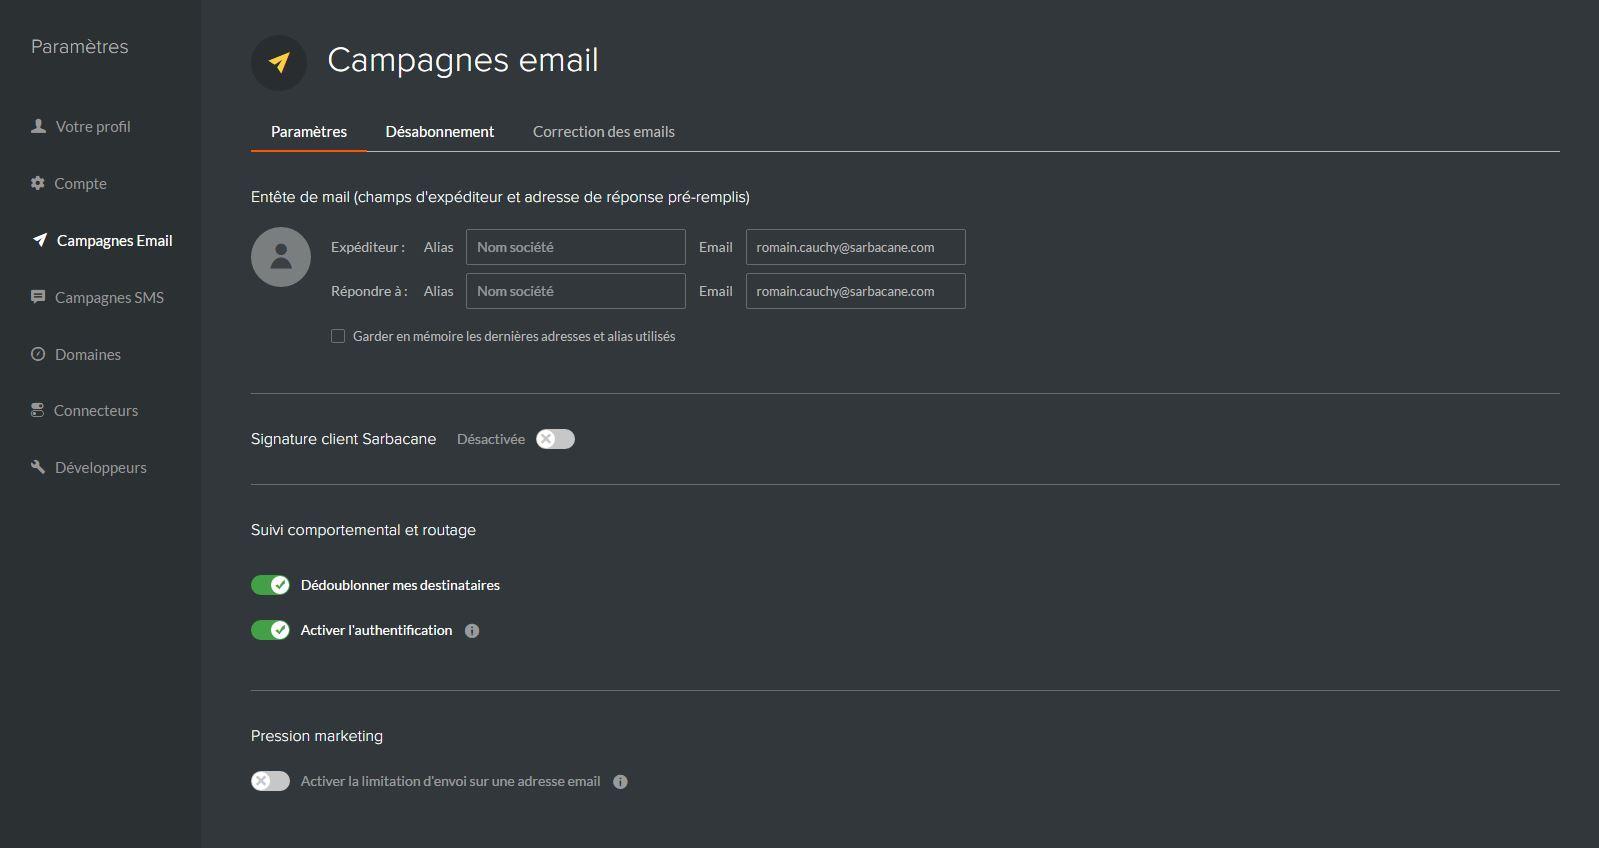 Paramètres des campagnes email